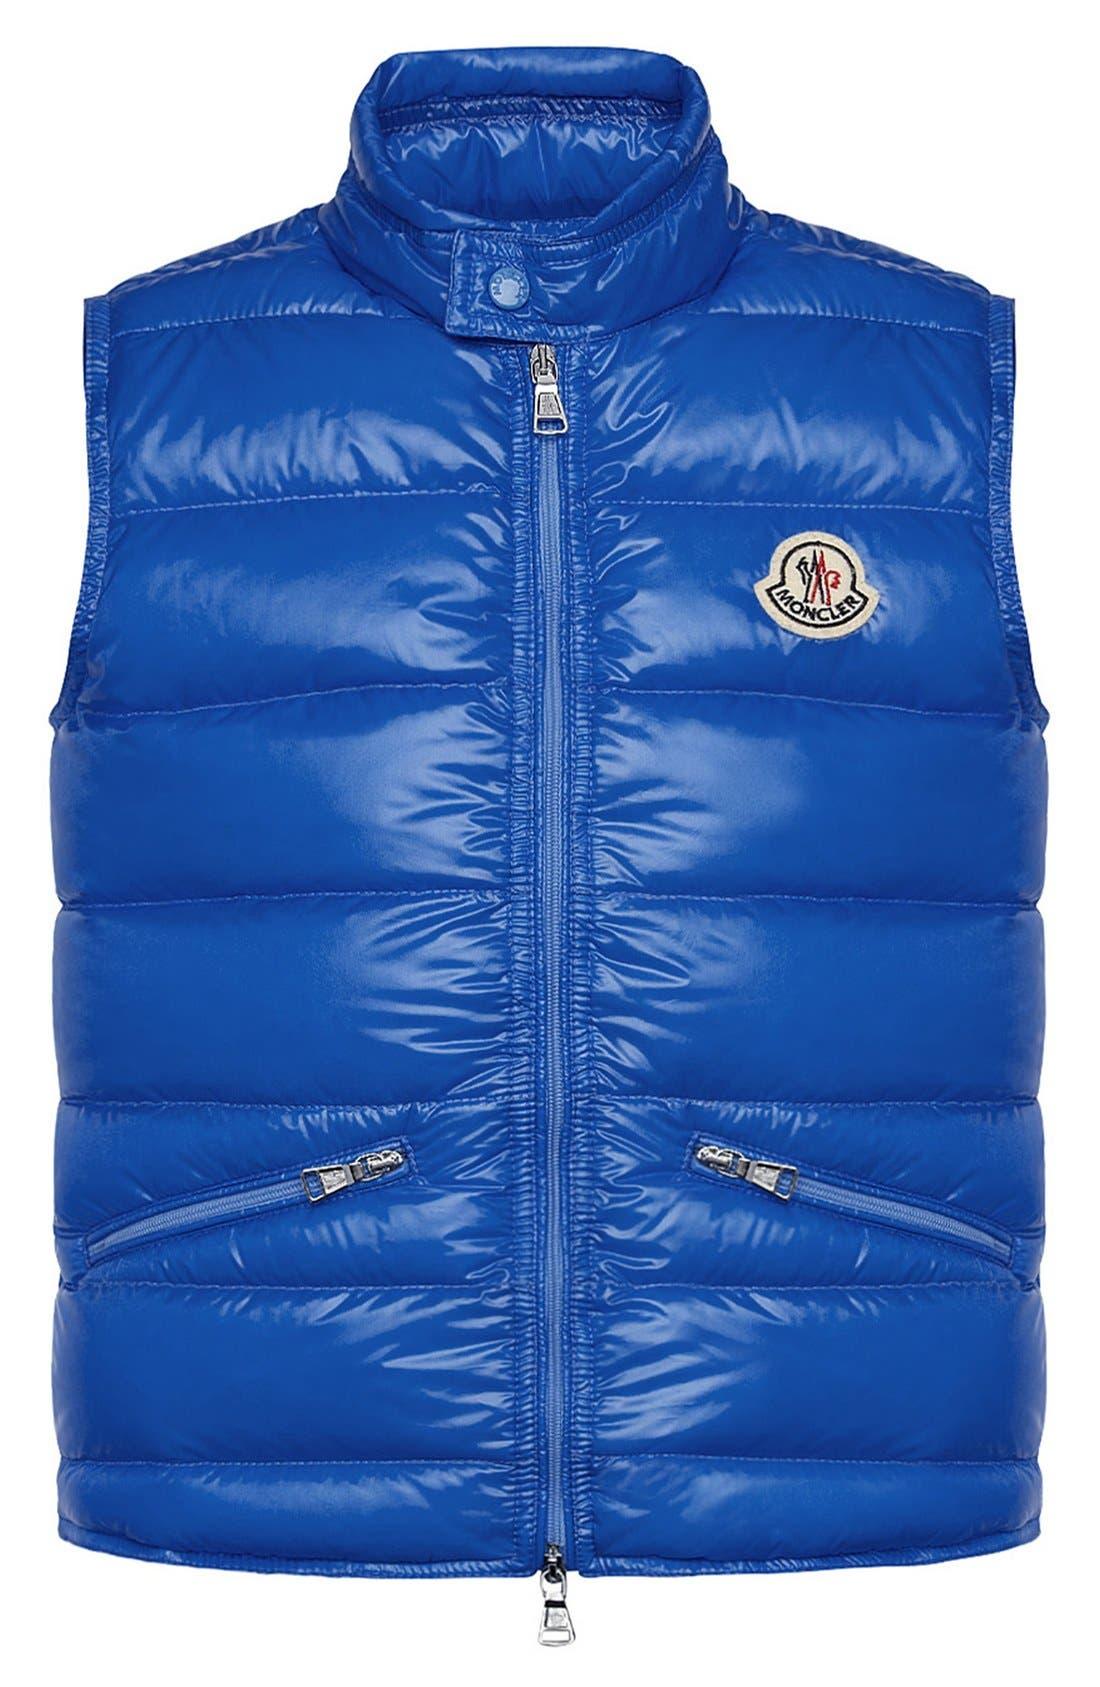 Alternate Image 1 Selected - Moncler Quilted Vest (Toddler Boys, Little Boys & Big Boys)